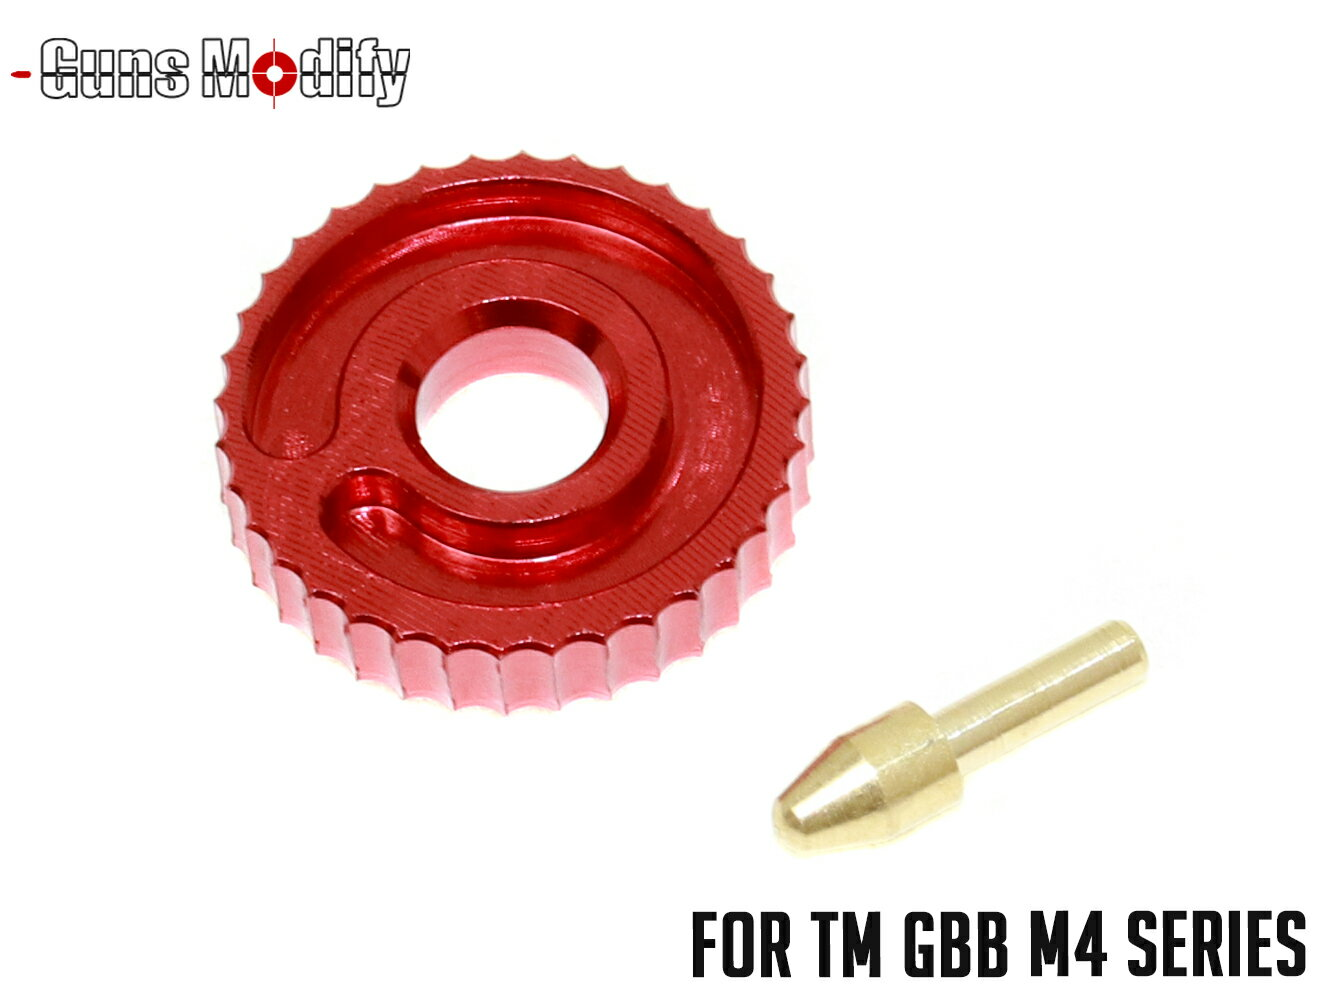 装備・備品, その他 GunsModify For TM GBB M4(0.2-0.35BBs Only)